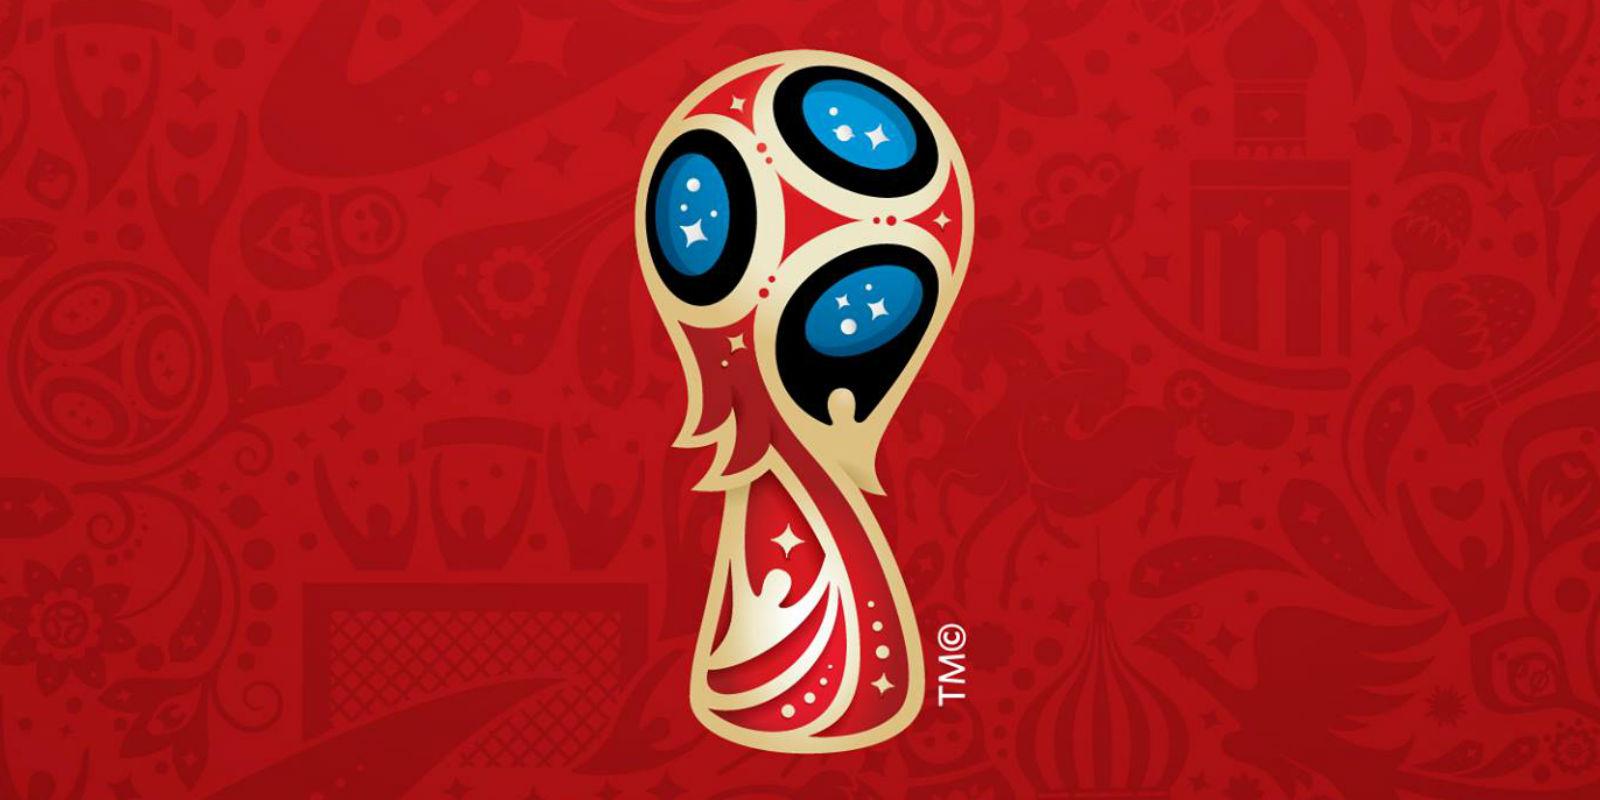 ЧМ-2018, чемпионат мира, футбол, скандал, допинг, контроль, проверка, результаты